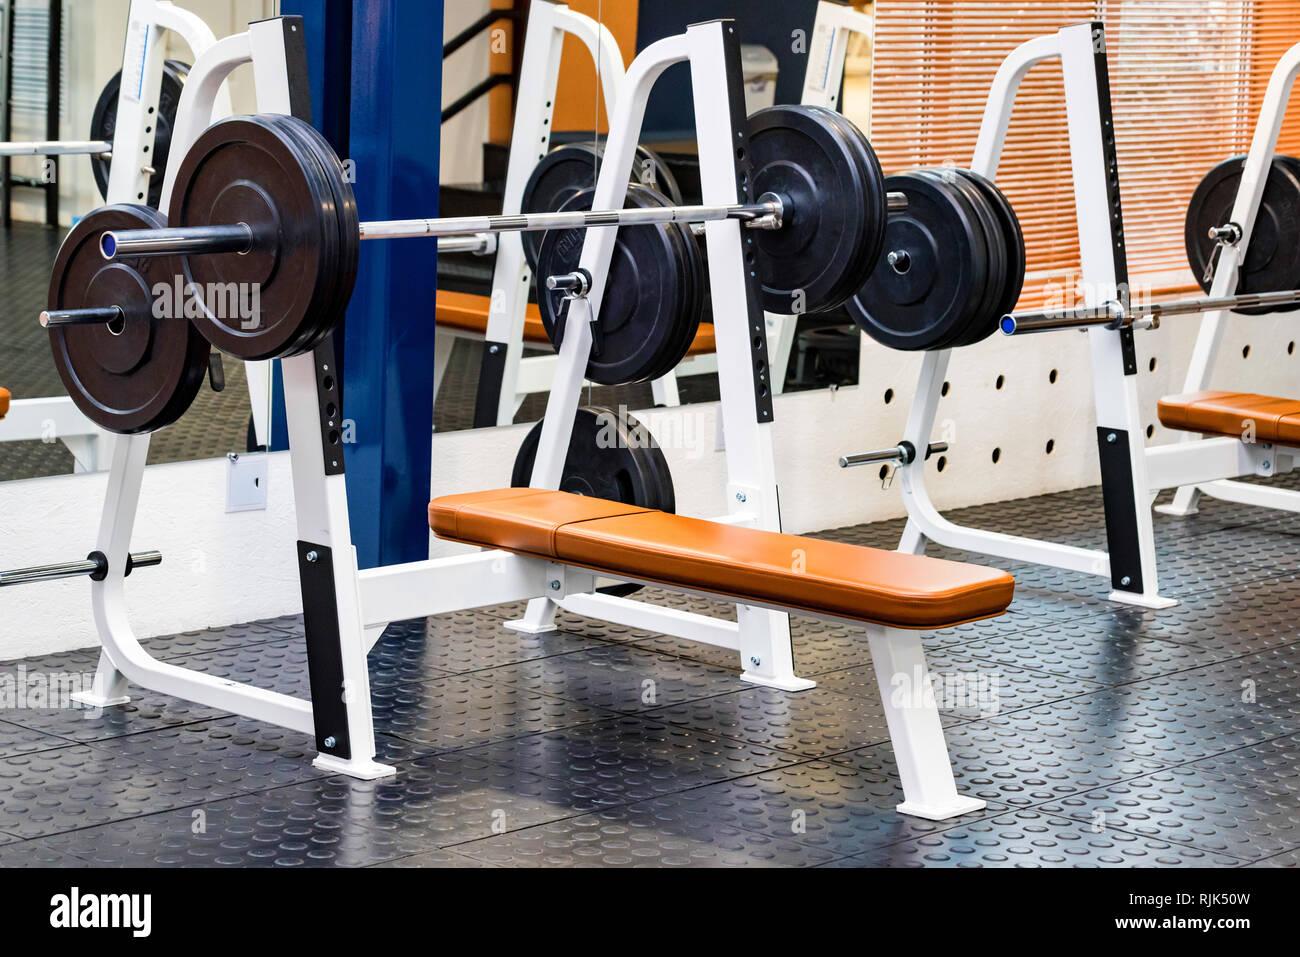 Prensa de banco vacío máquina de ejercicio en el moderno gimnasio Imagen De Stock